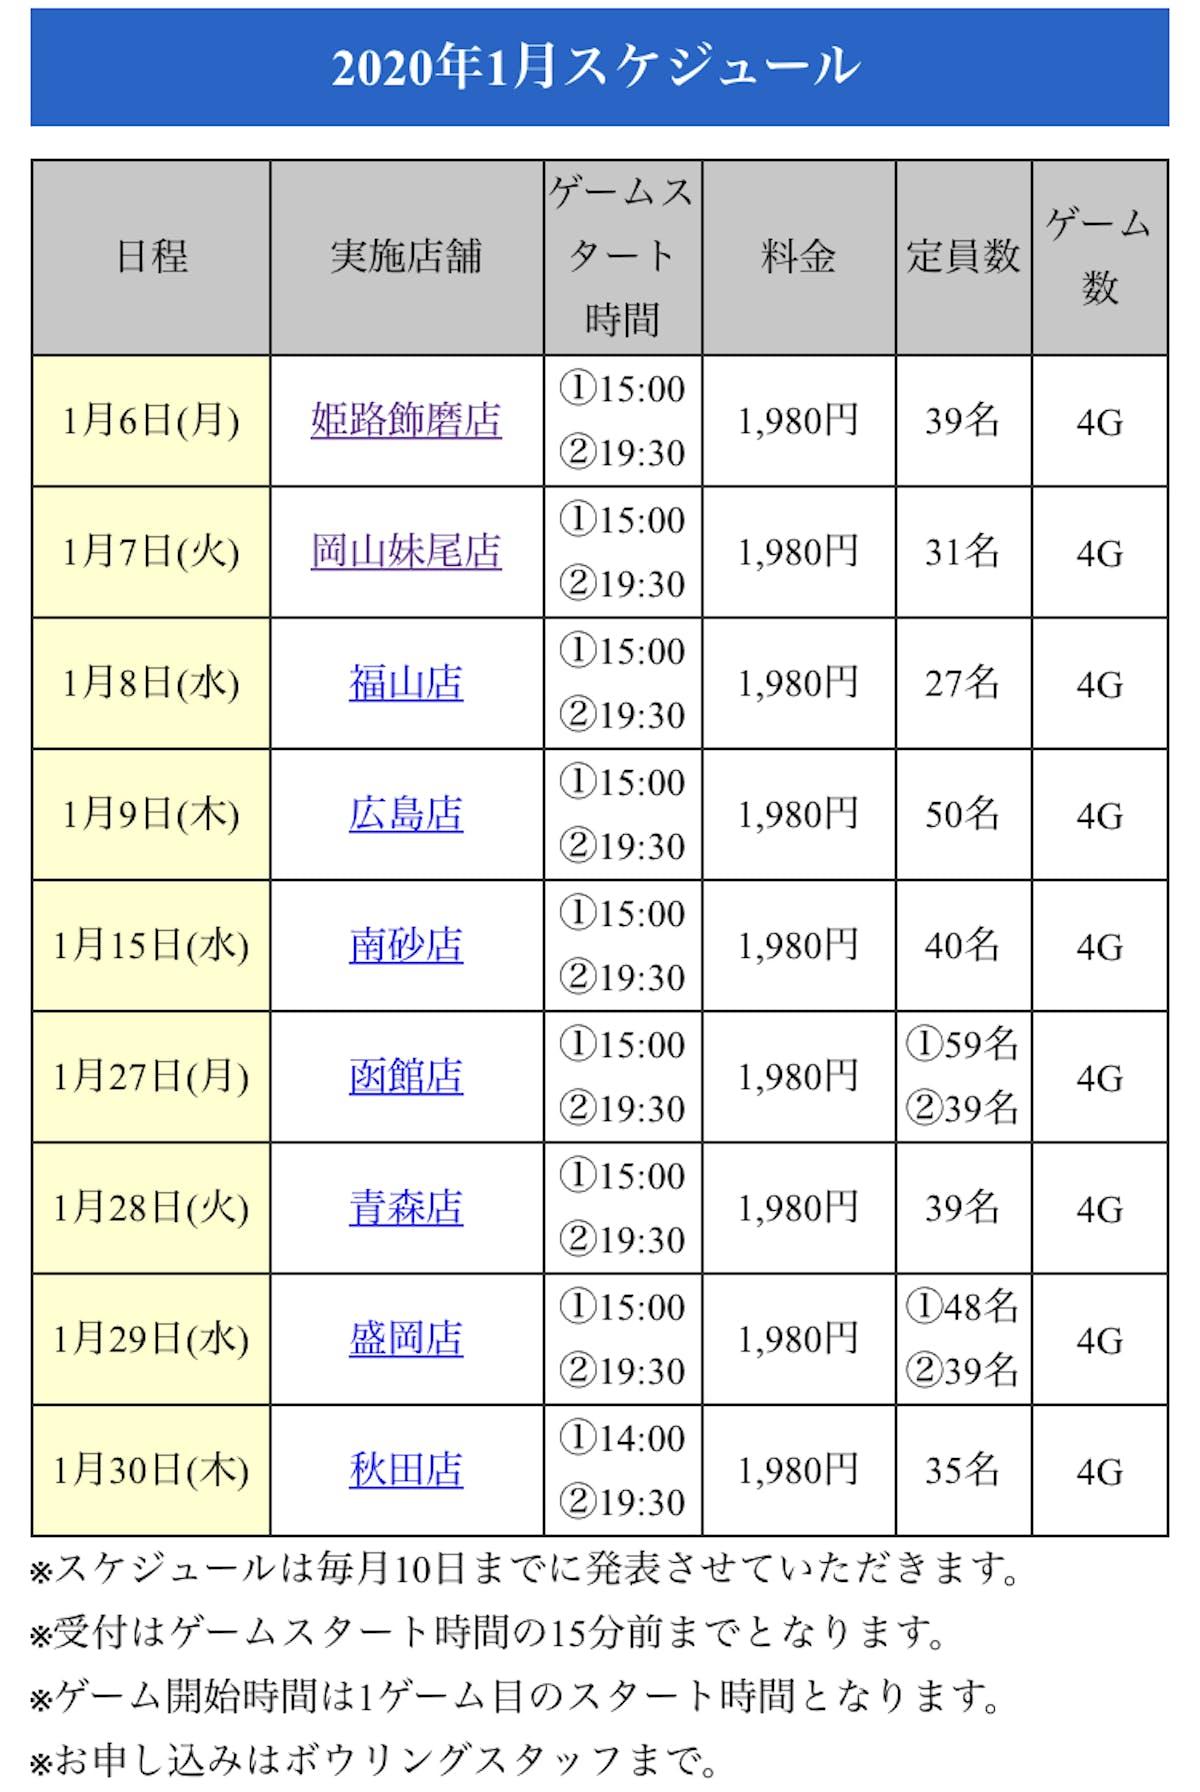 8DC43B52-84B3-4BB6-B192-CED5D616A814.jpeg